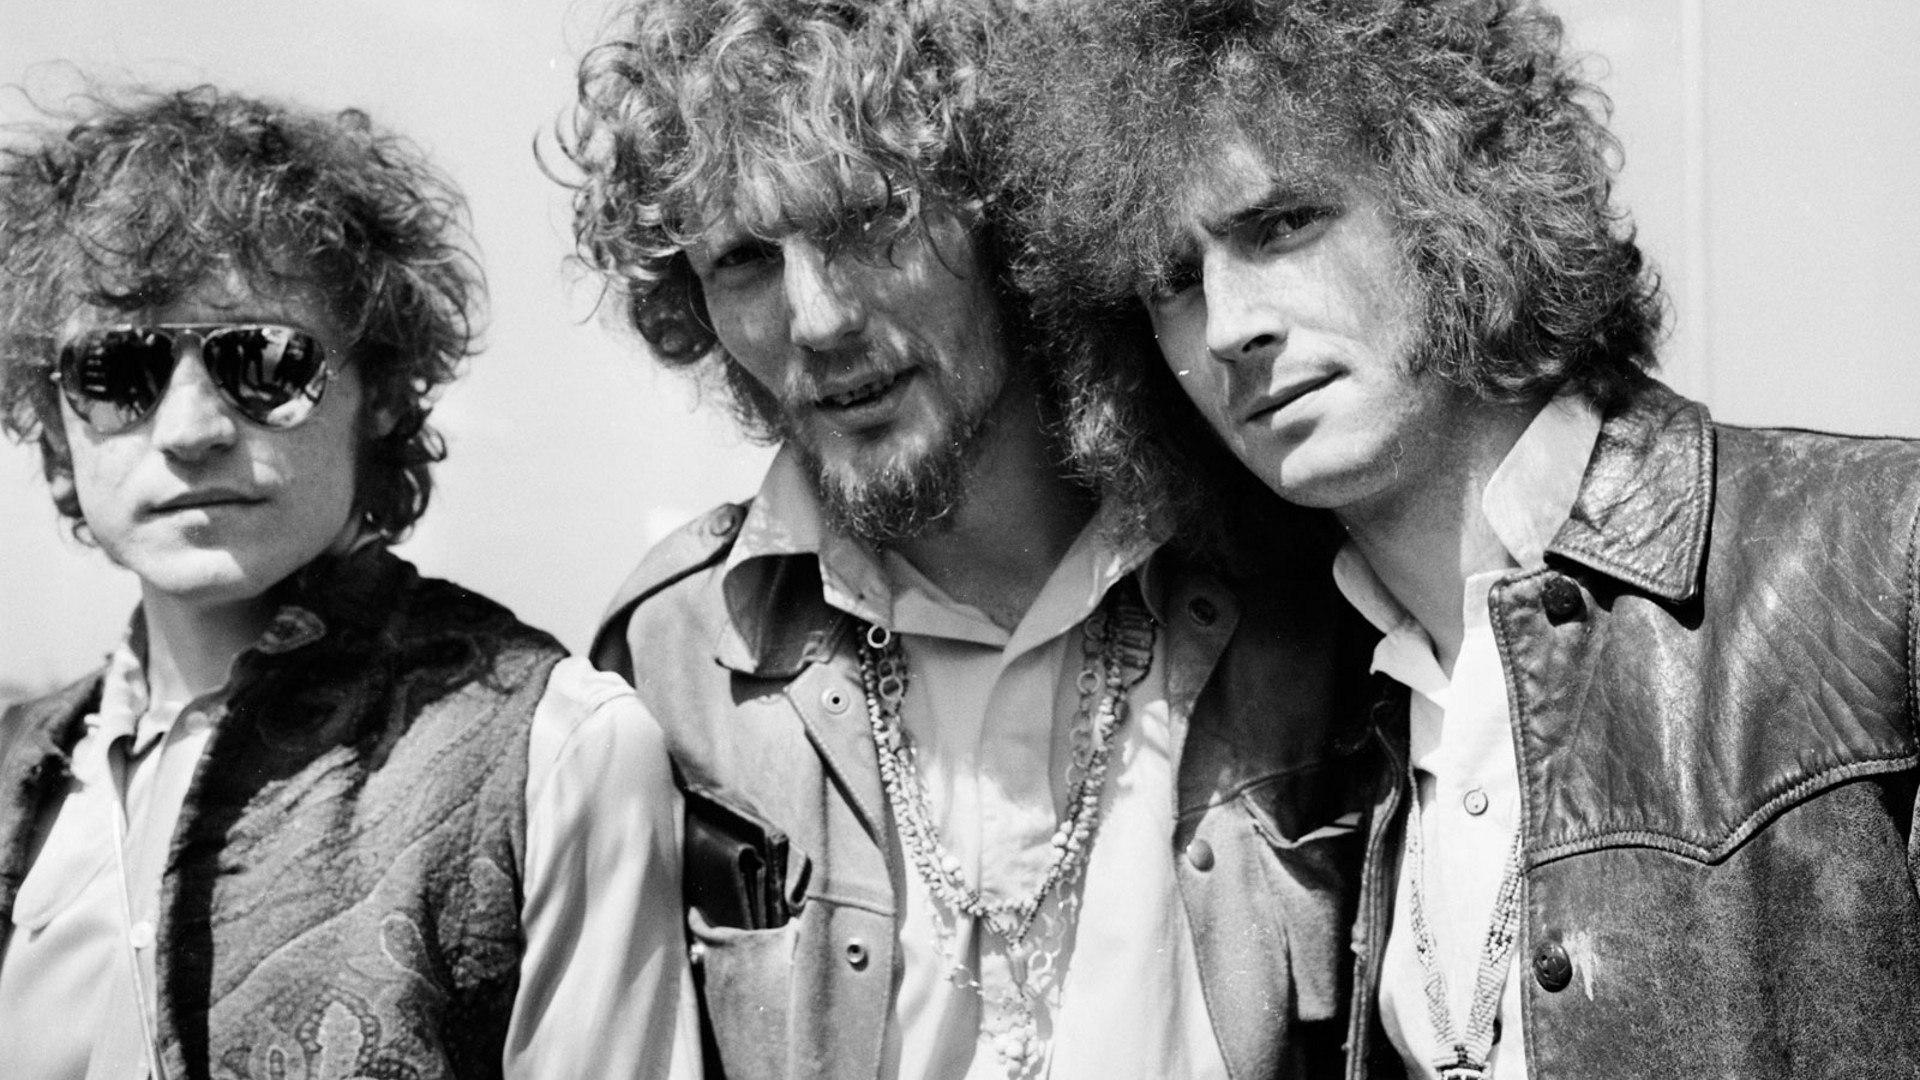 26 ноября в истории рока – состоялся последний концерт группы Cream